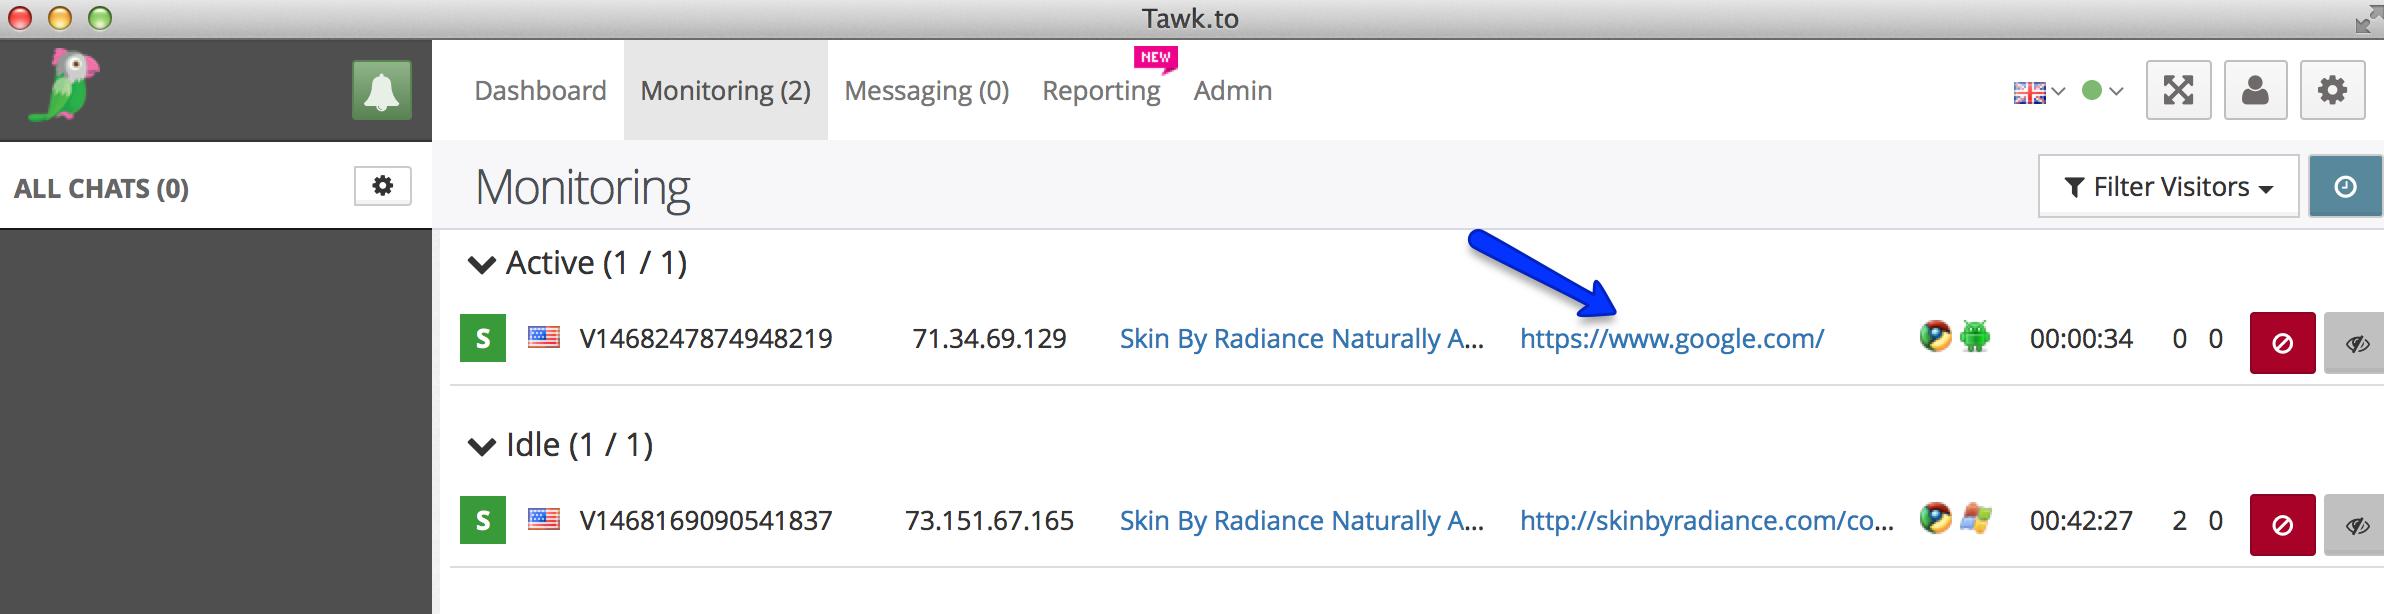 Tawk.To Analytics